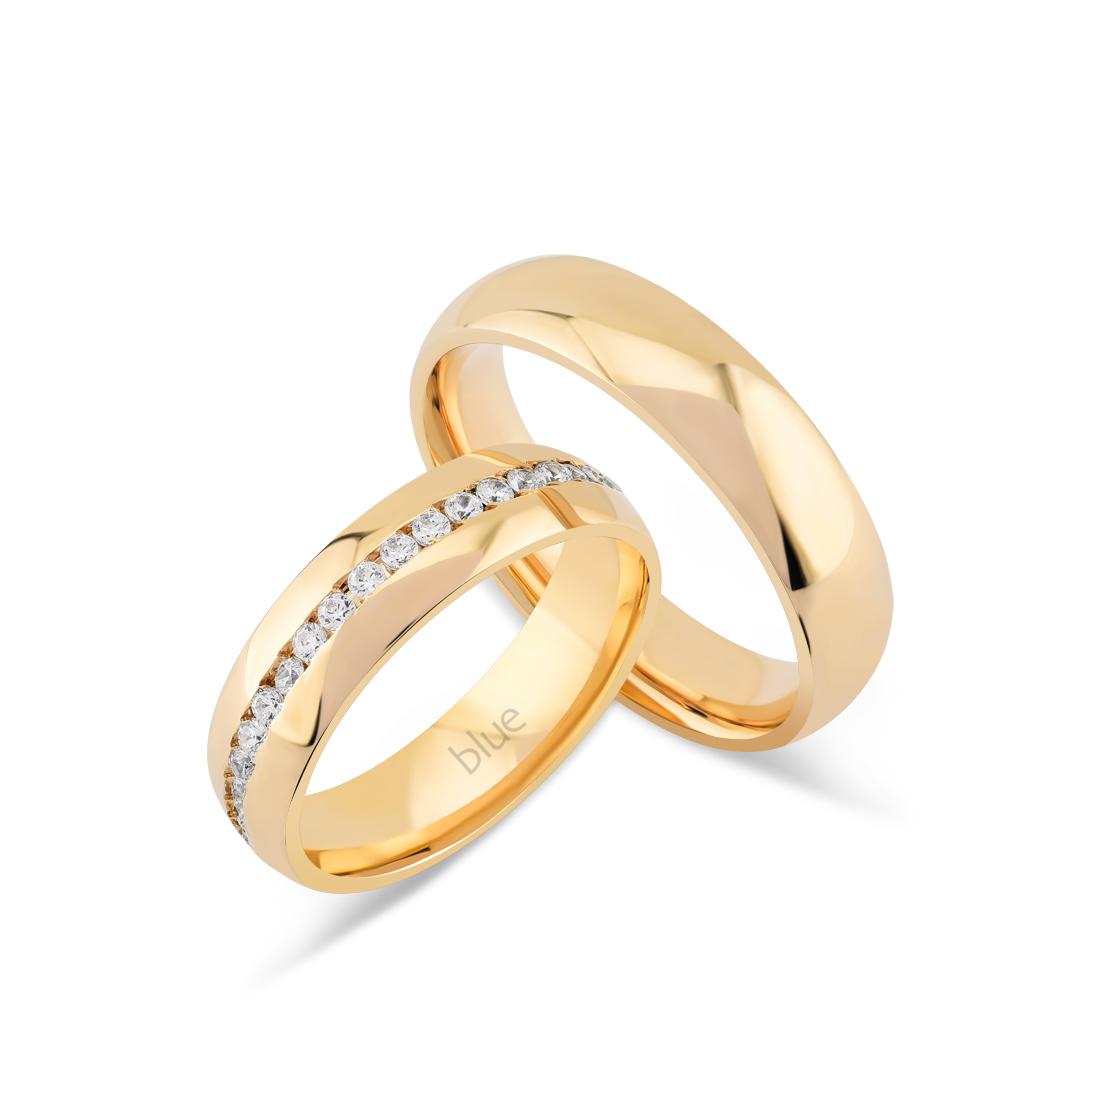 Evlilik Alyansı